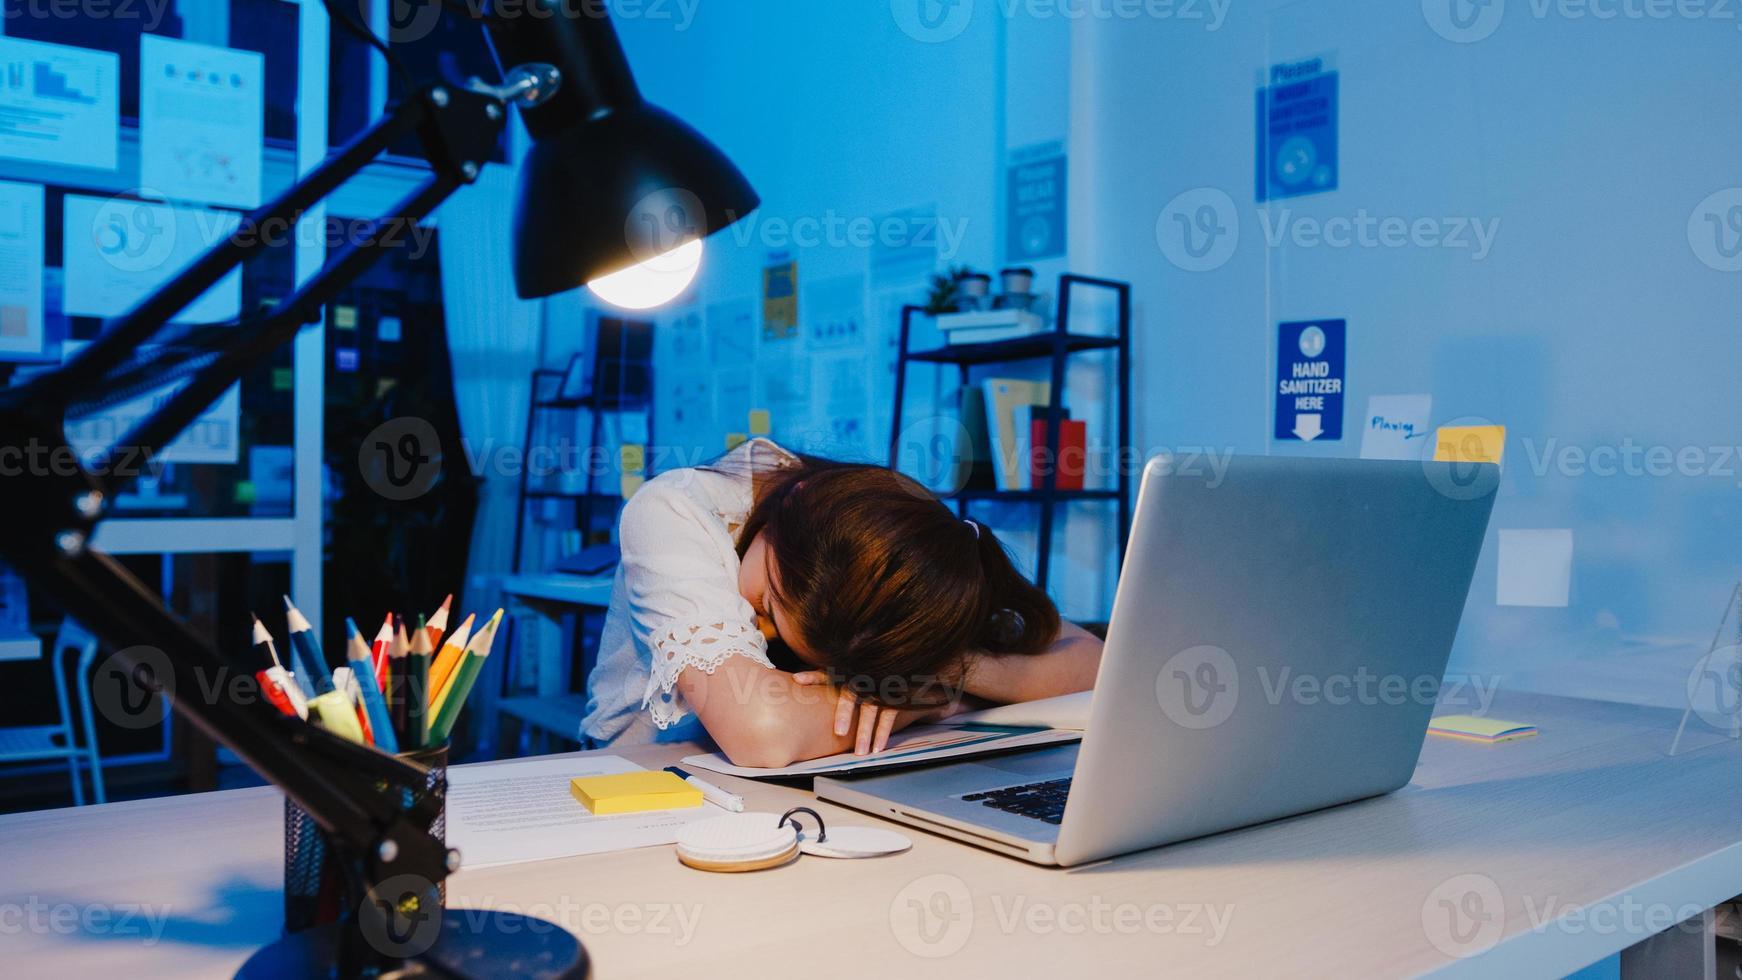 freelance azië uitgeputte dame hard werken slapen op nieuw normaal thuiskantoor. 's nachts thuiswerken overbelasting, op afstand, zelfisolatie, sociale afstand, quarantaine voor preventie van het coronavirus. foto